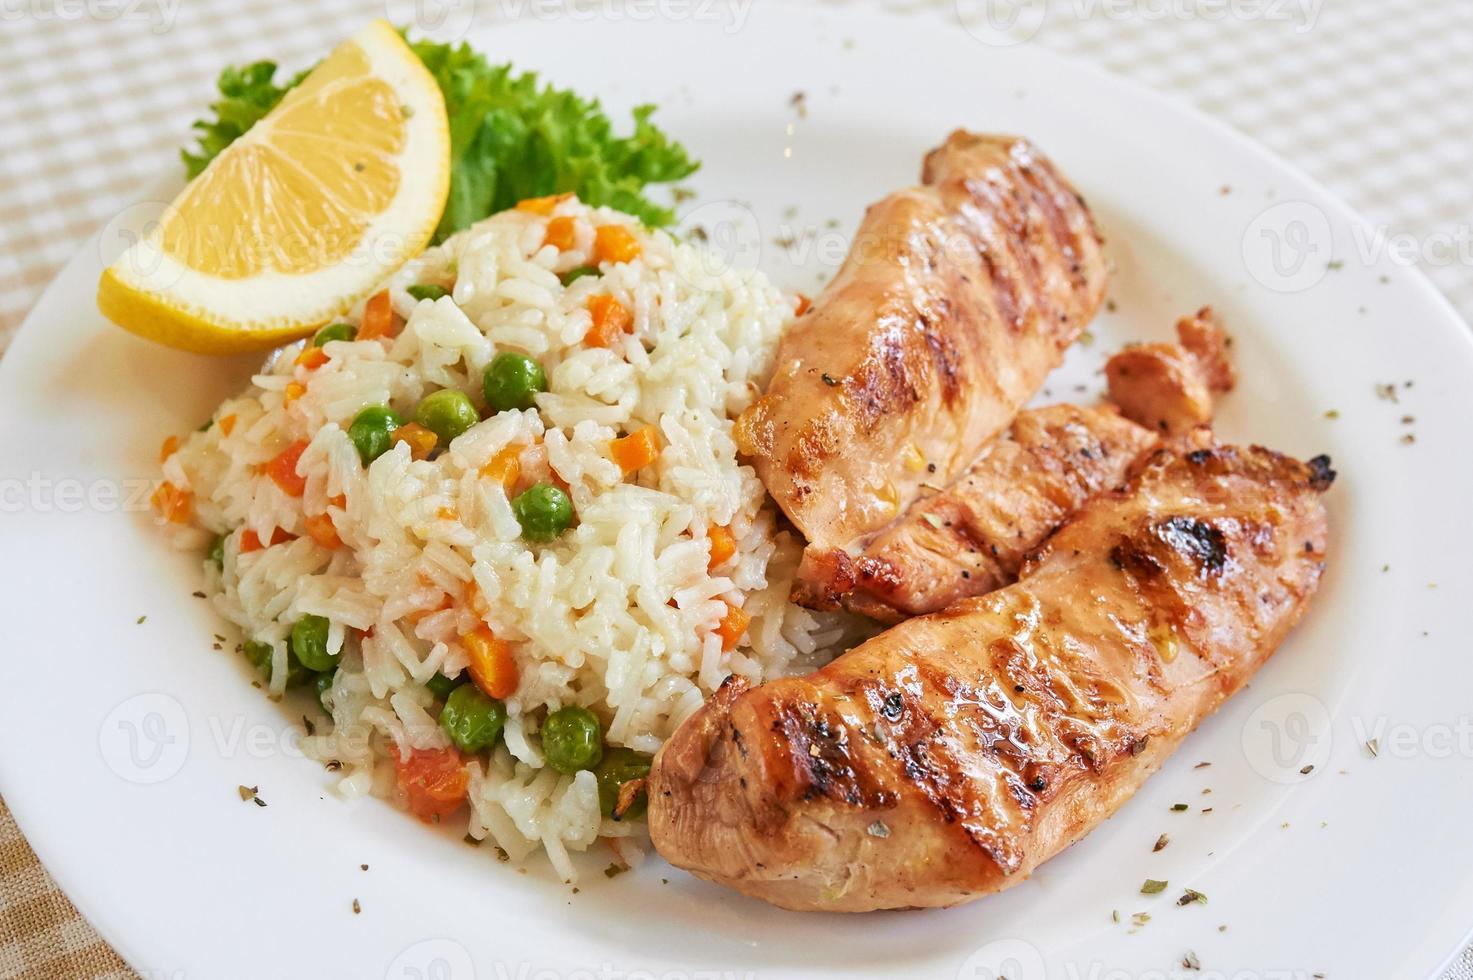 Hühnerbrust mit weißem Reis foto